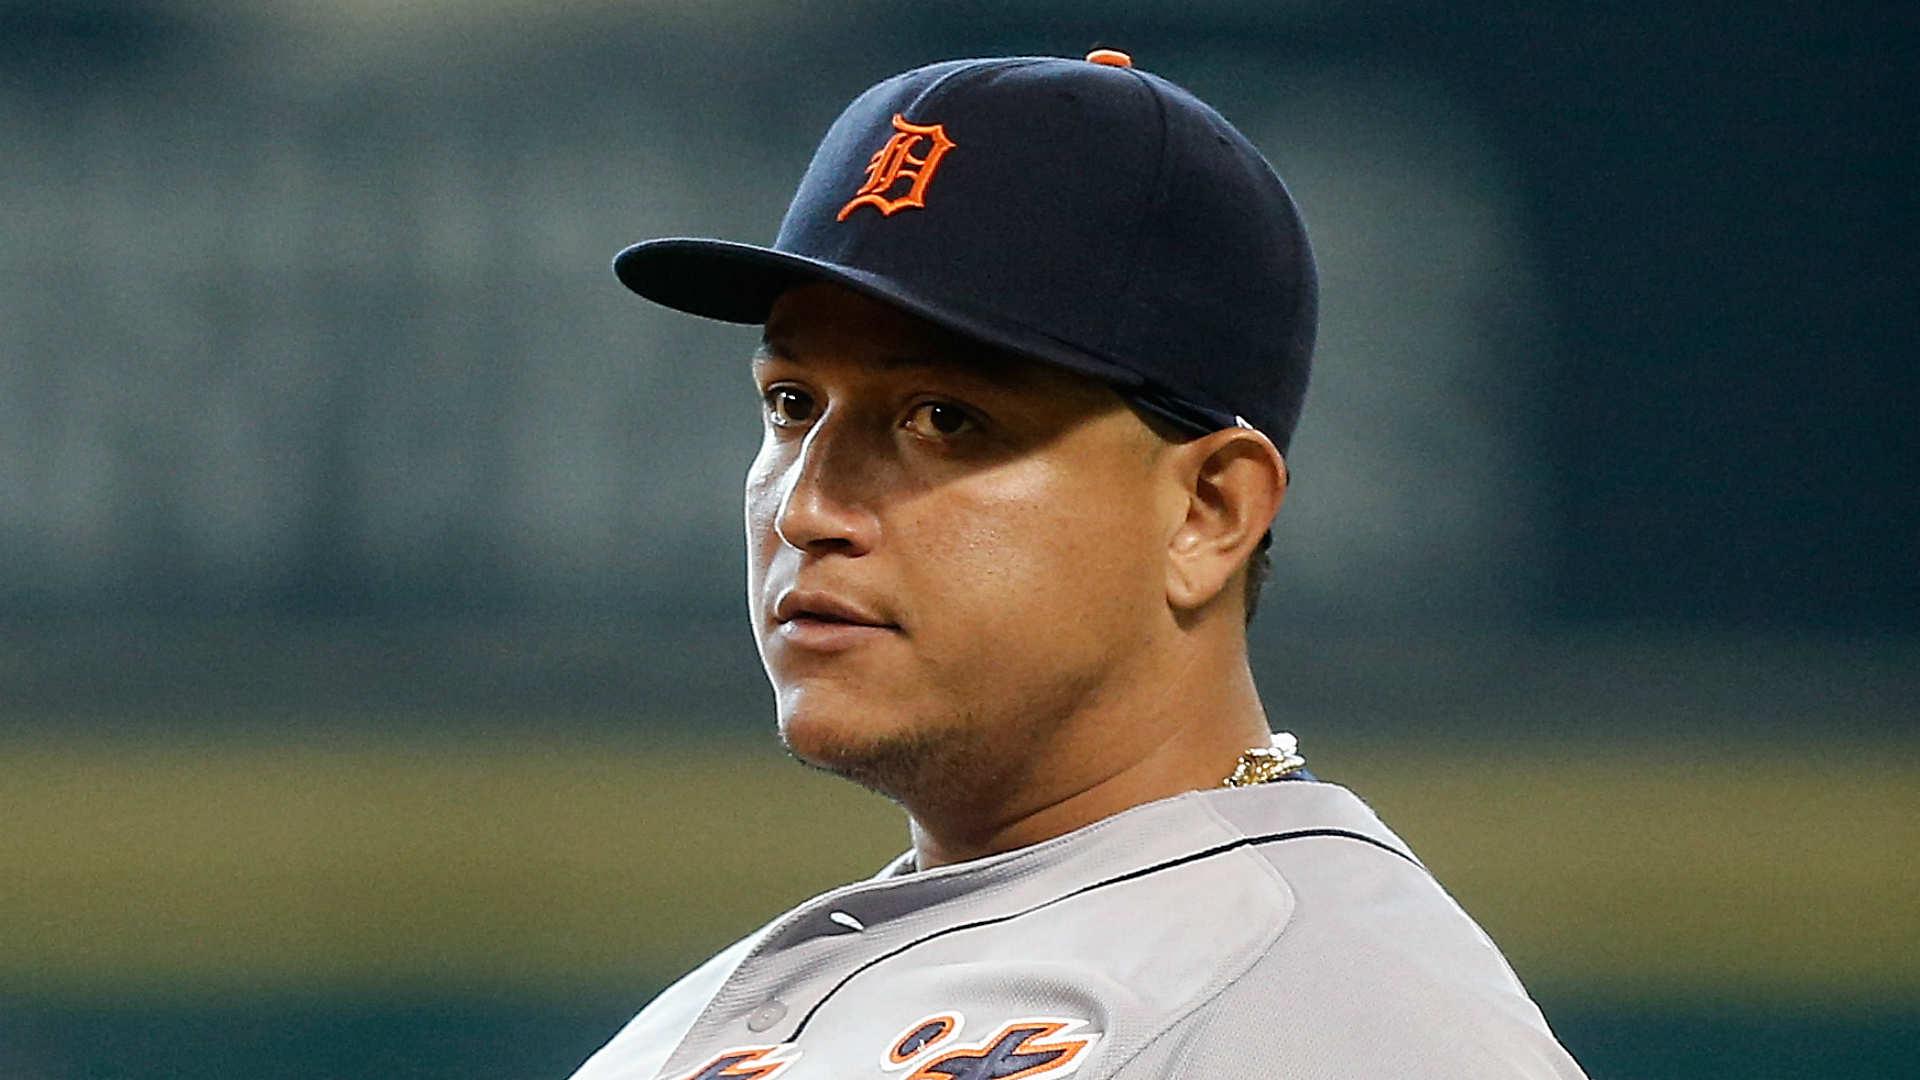 Tigers' Miguel Cabrera trades baseball for fan's 'Fire ... Miguel Cabrera Fantasy 2019